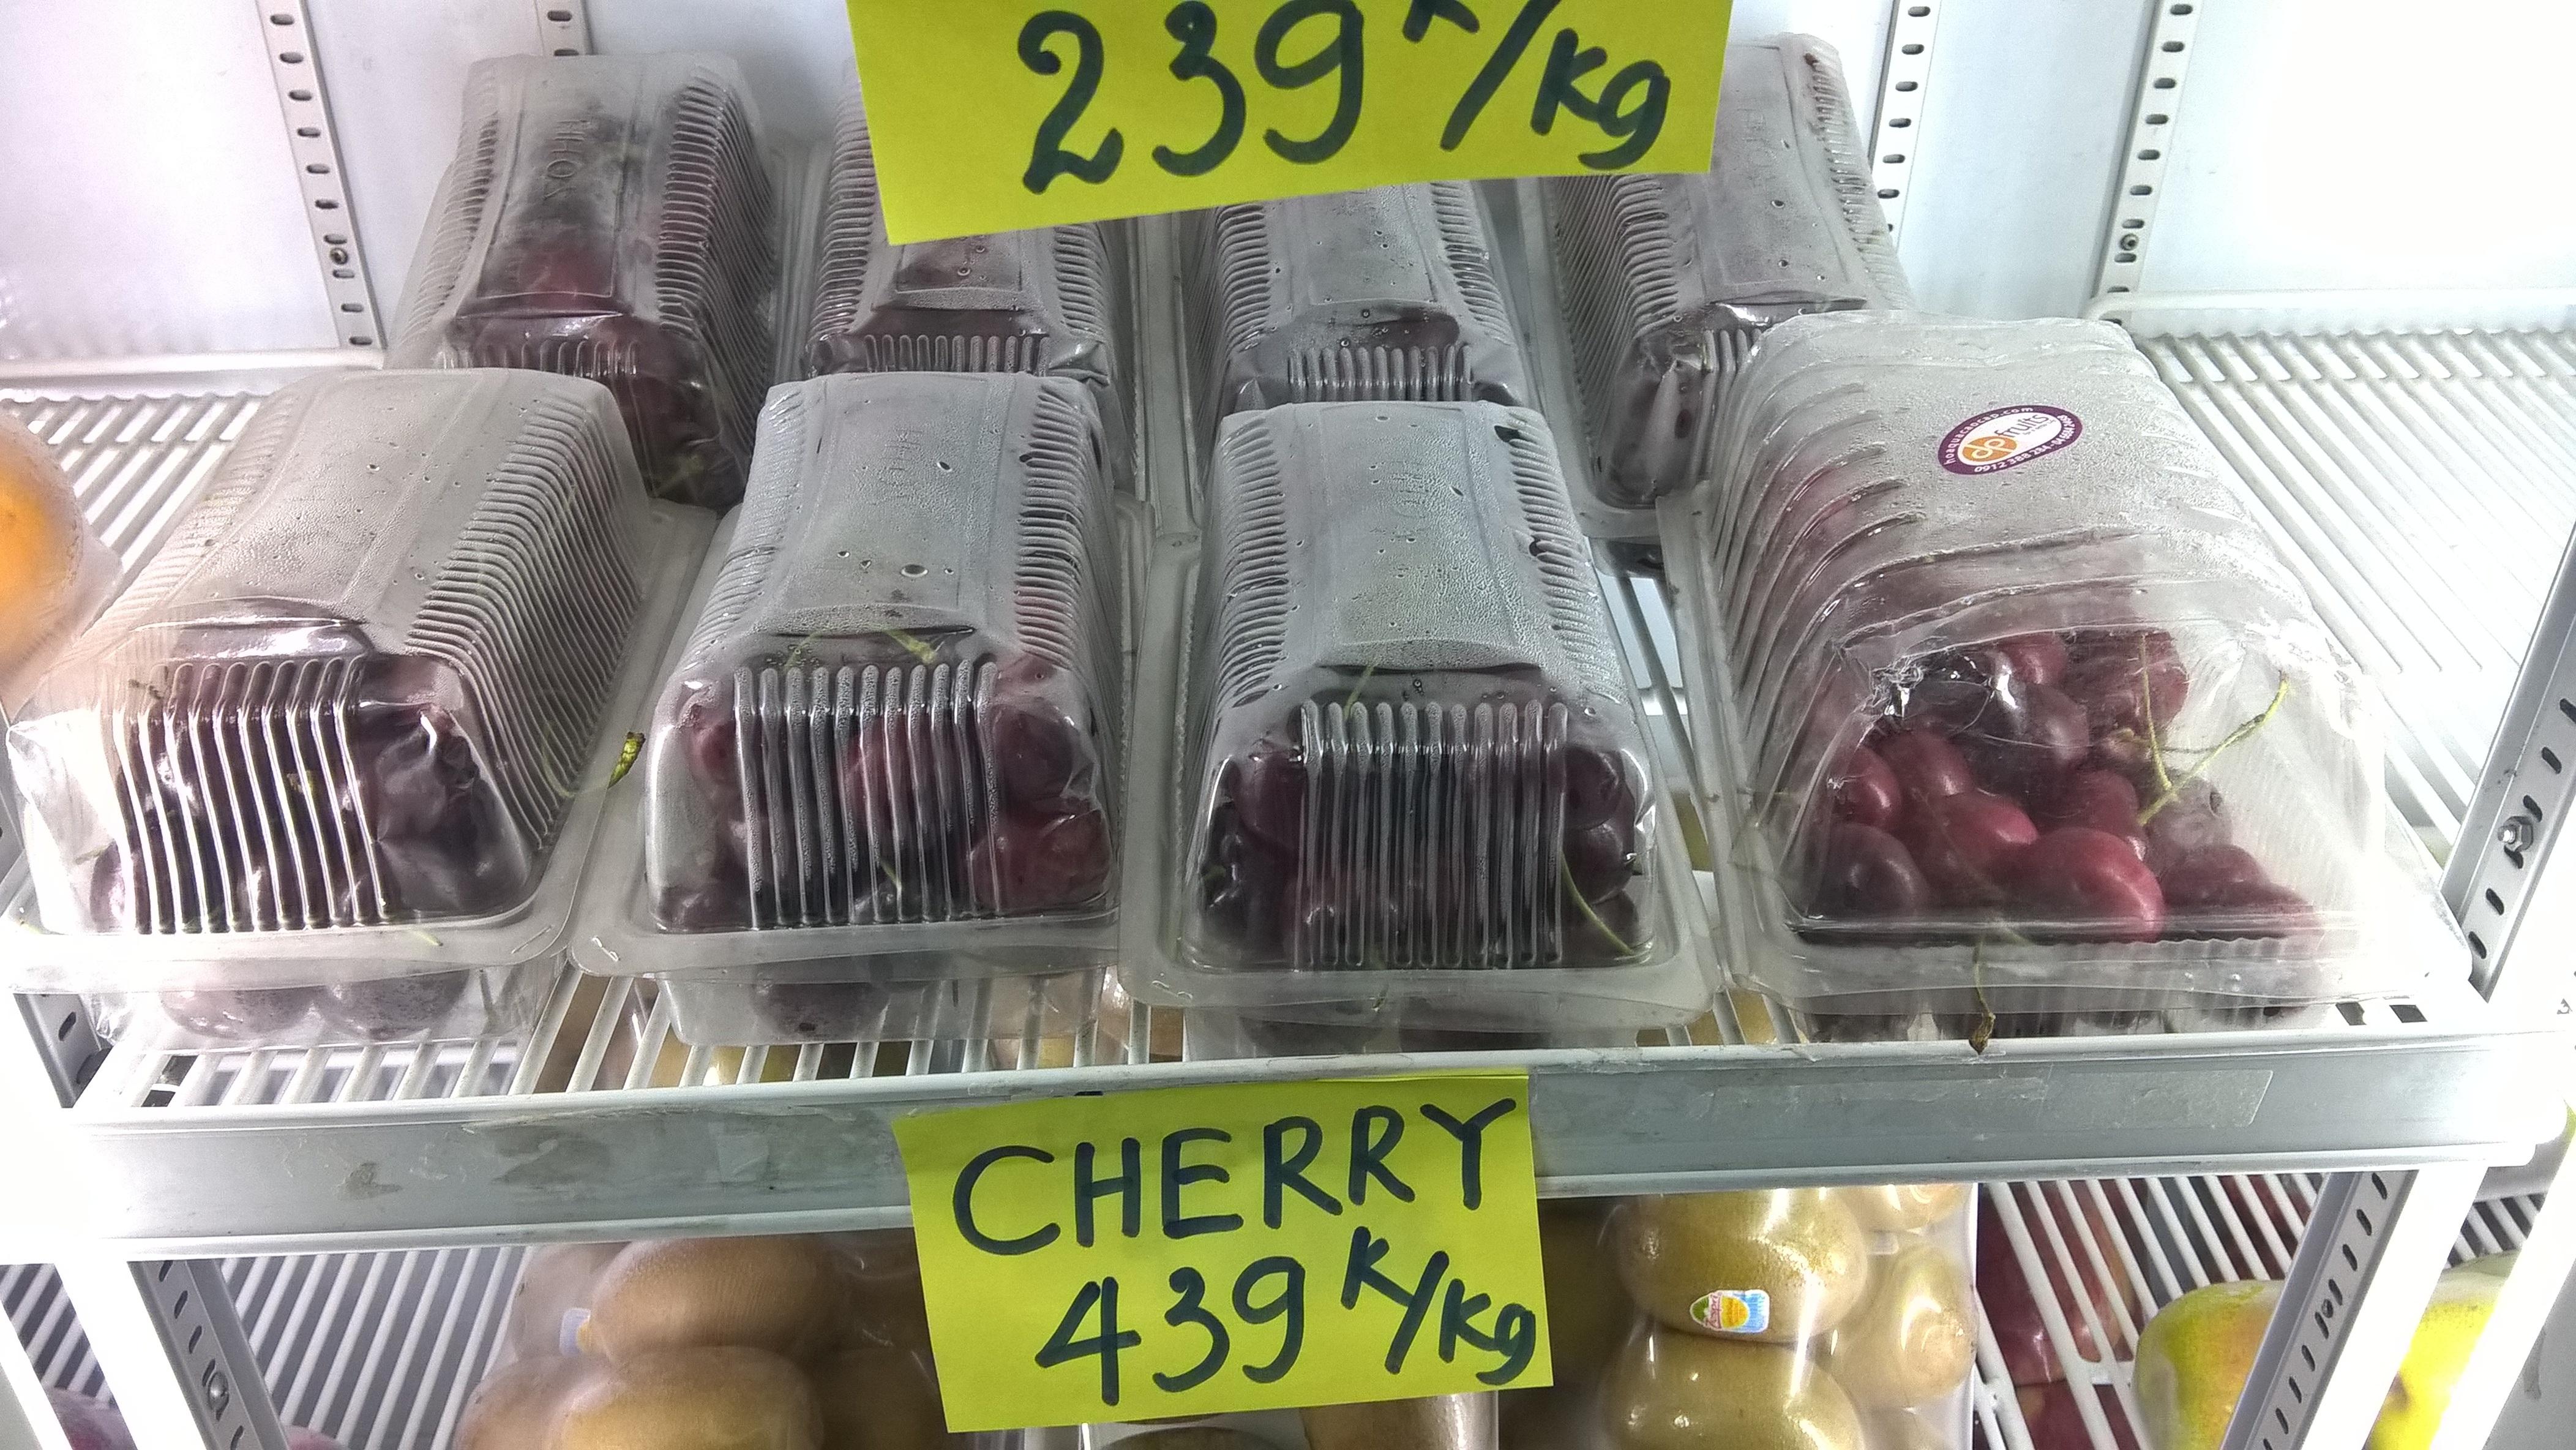 Cherry giá rẻ tại nhiều cửa hàng